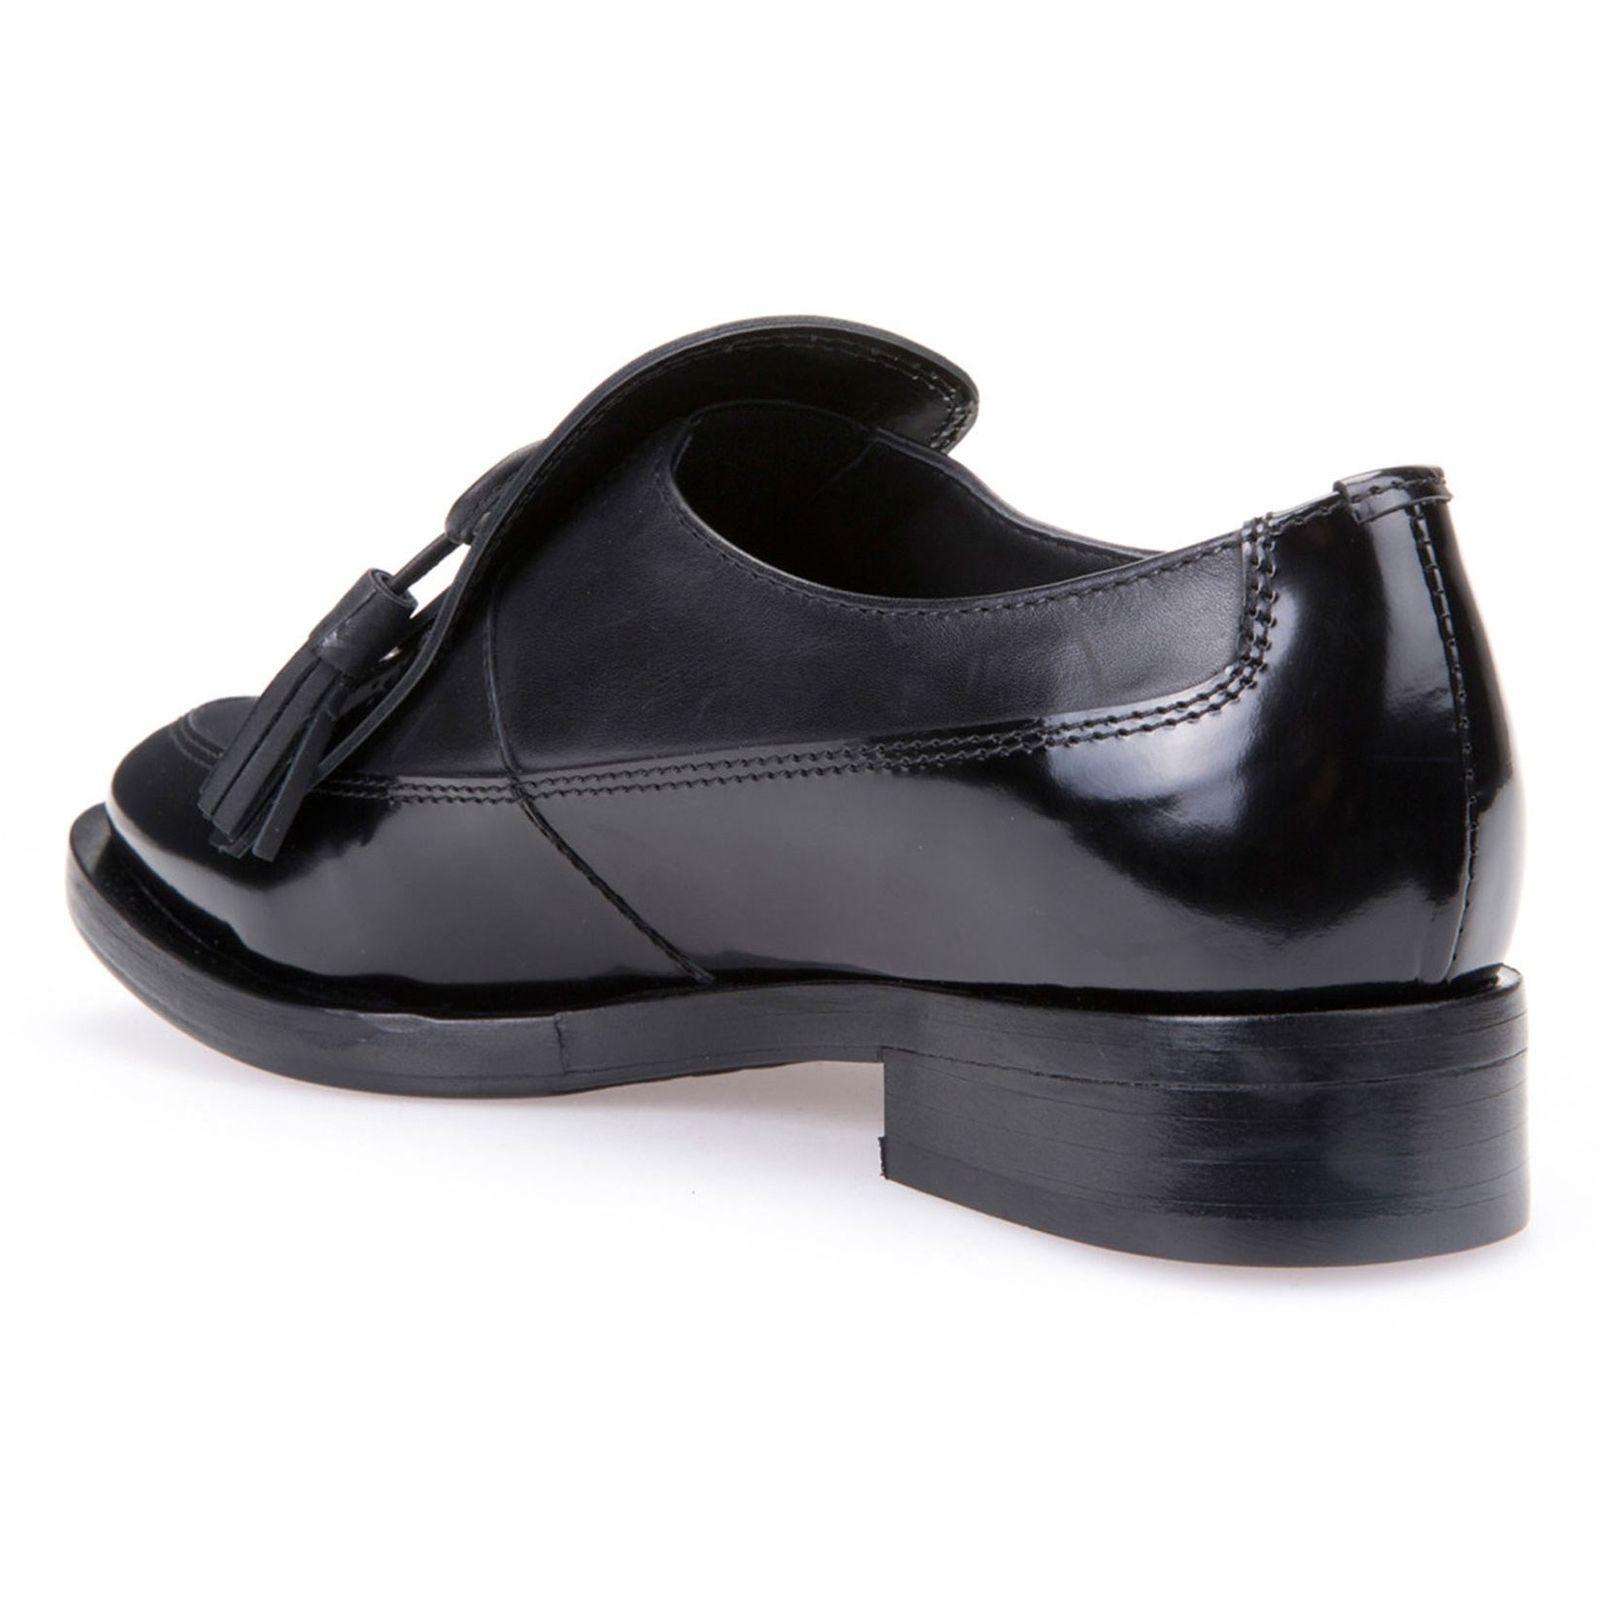 کفش تخت چرم زنانه - جی اوکس - مشکي - 5